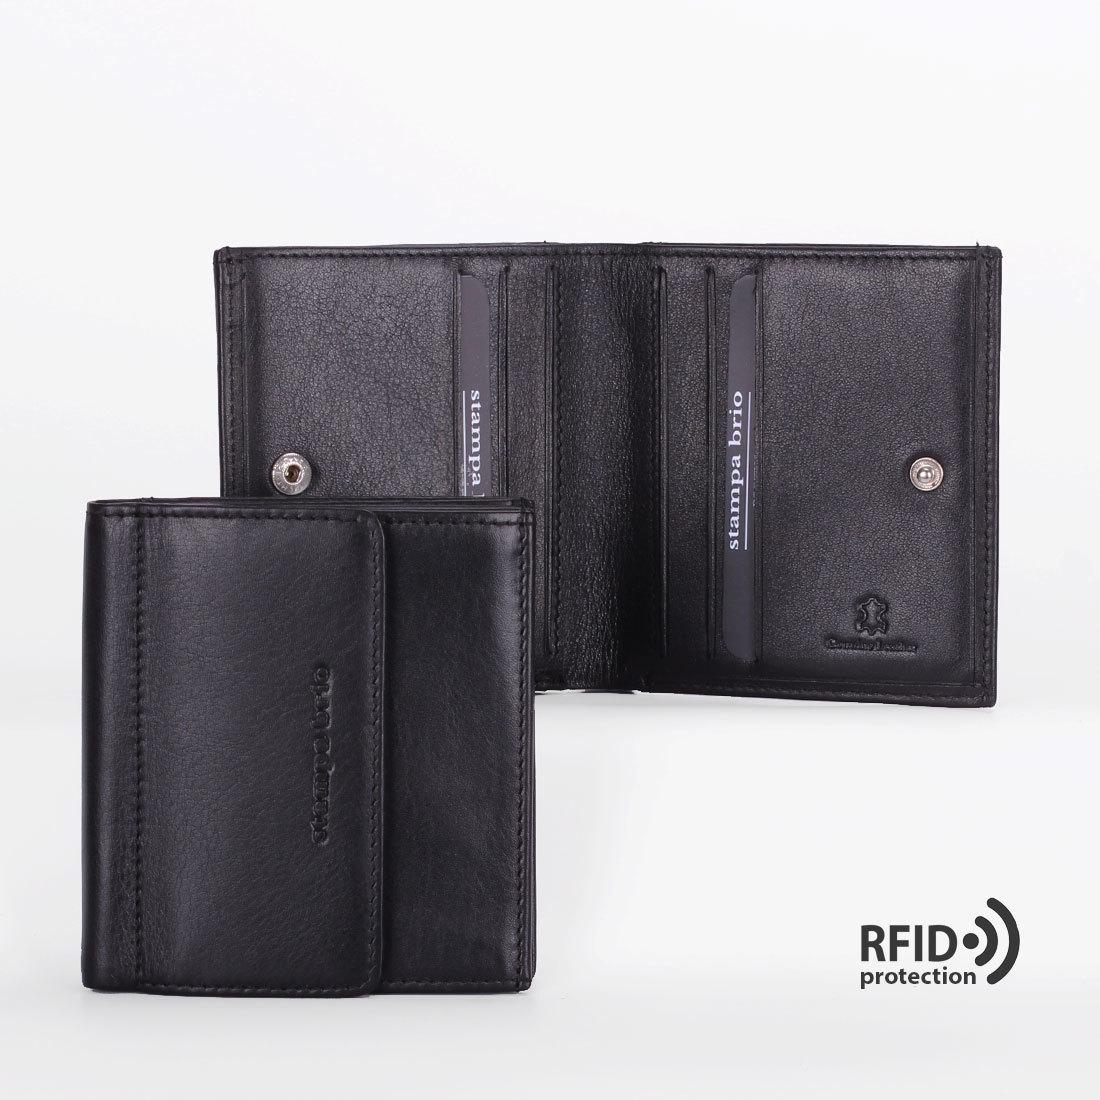 614 R - Портмоне  с монетником снаружи и RFID защитой